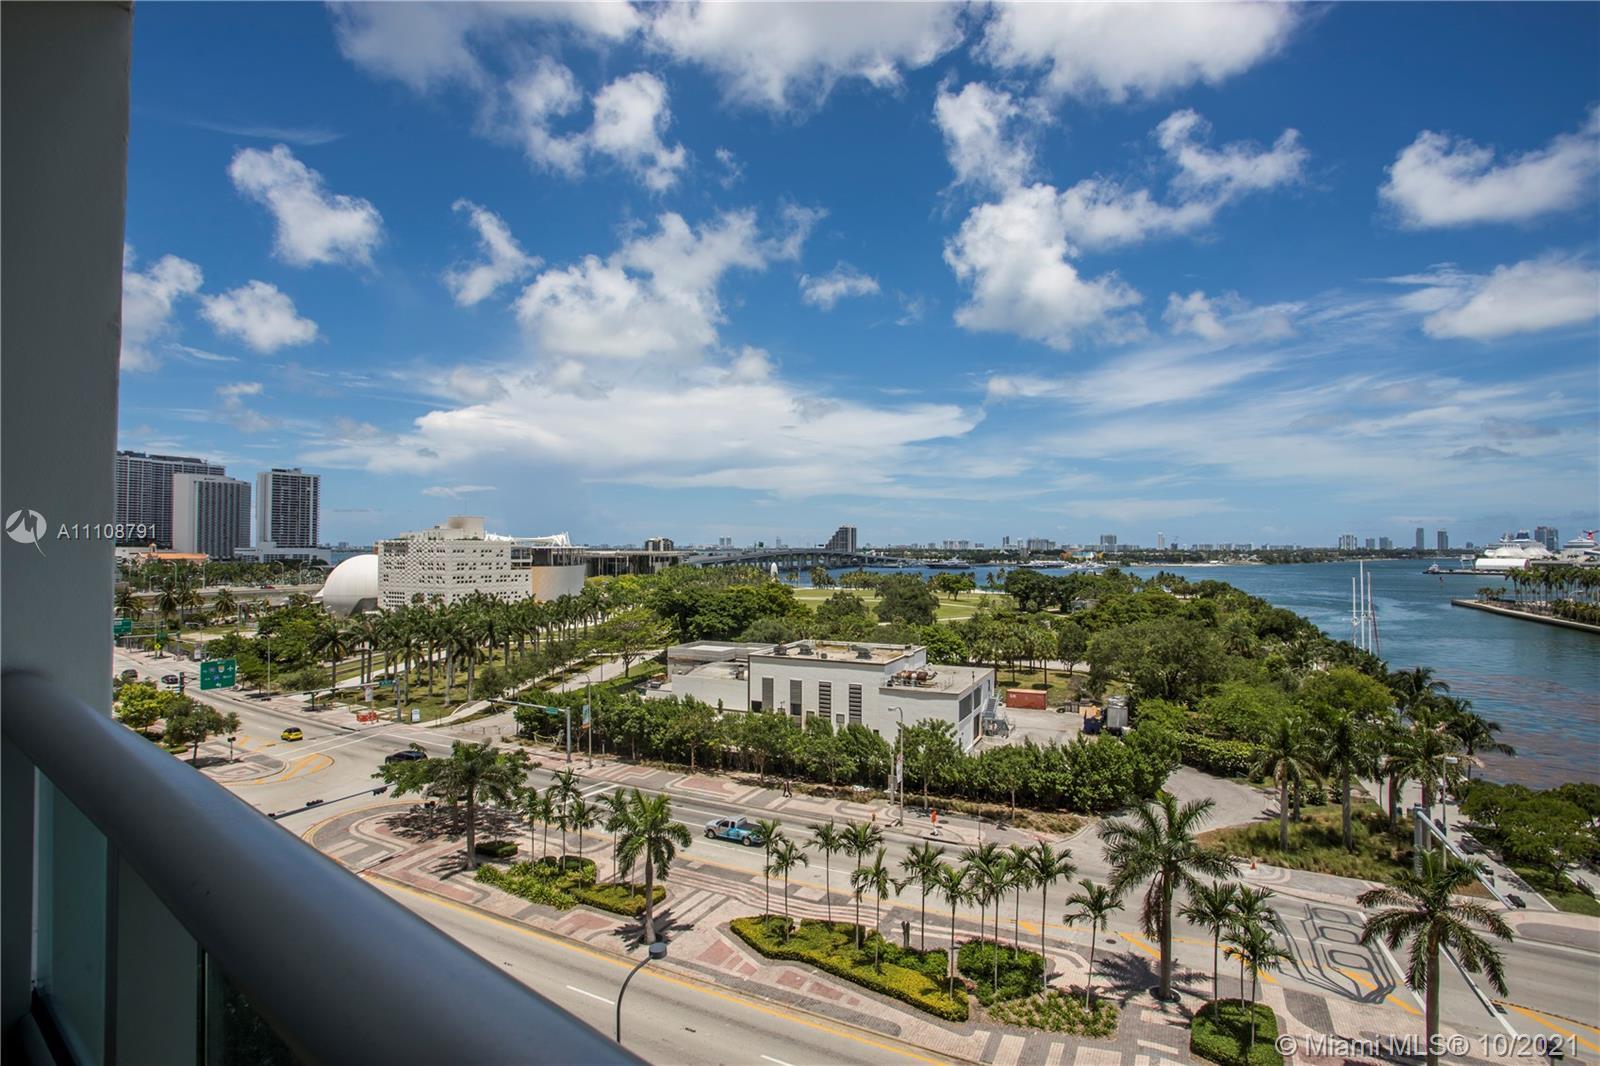 900 Biscayne Bay #905 - 900 Biscayne Blvd #905, Miami, FL 33132